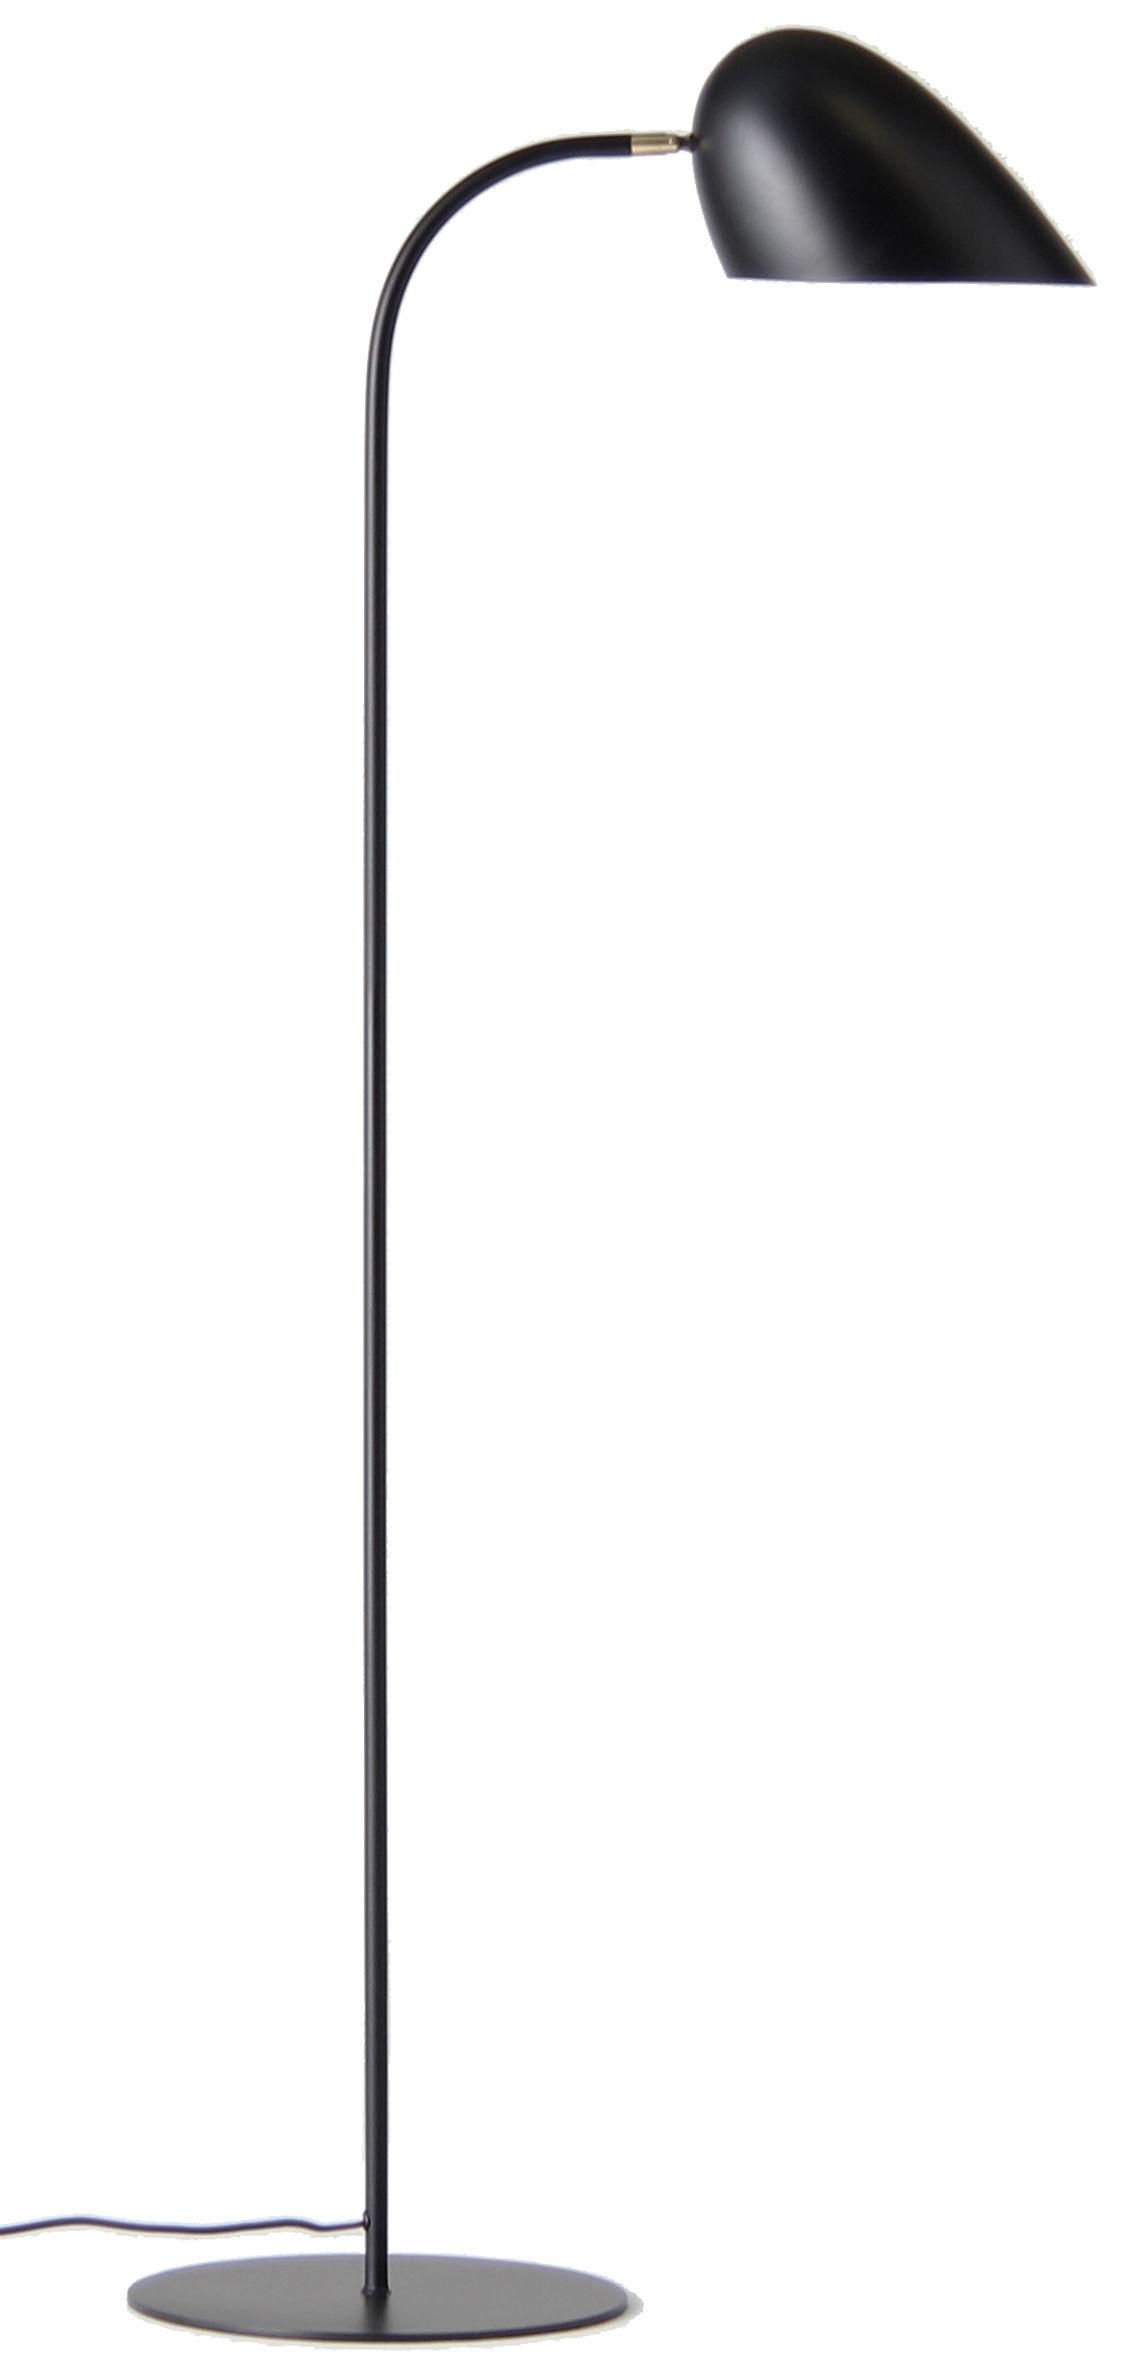 Lighting - Floor lamps - Hitchcock Floor lamp - / H 150 cm by Frandsen - Black - Brass, Painted metal